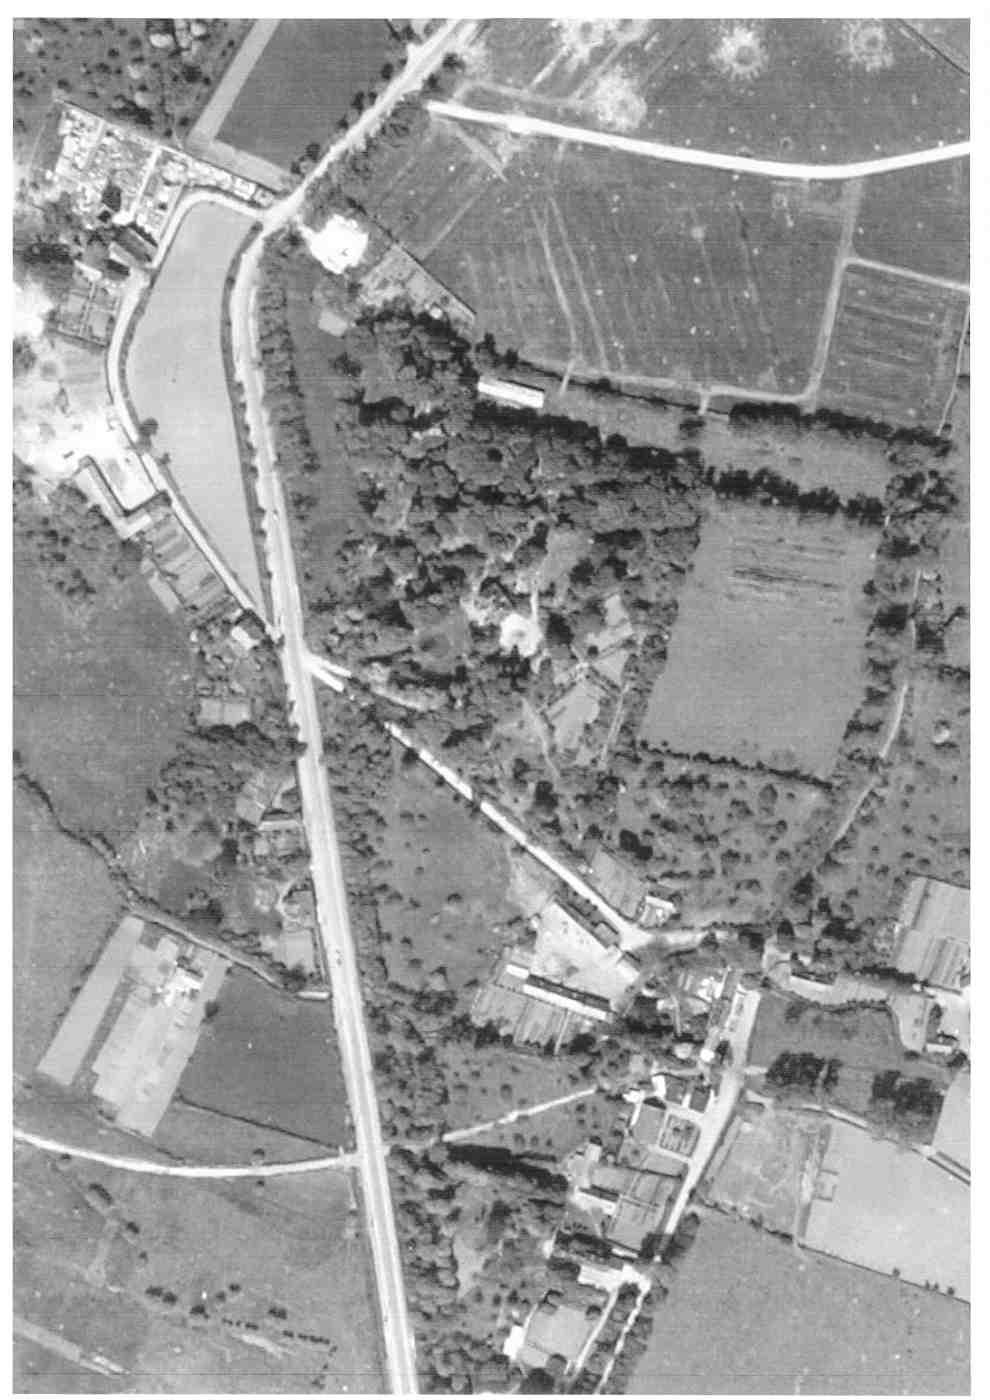 Saint-Léonard en 1945